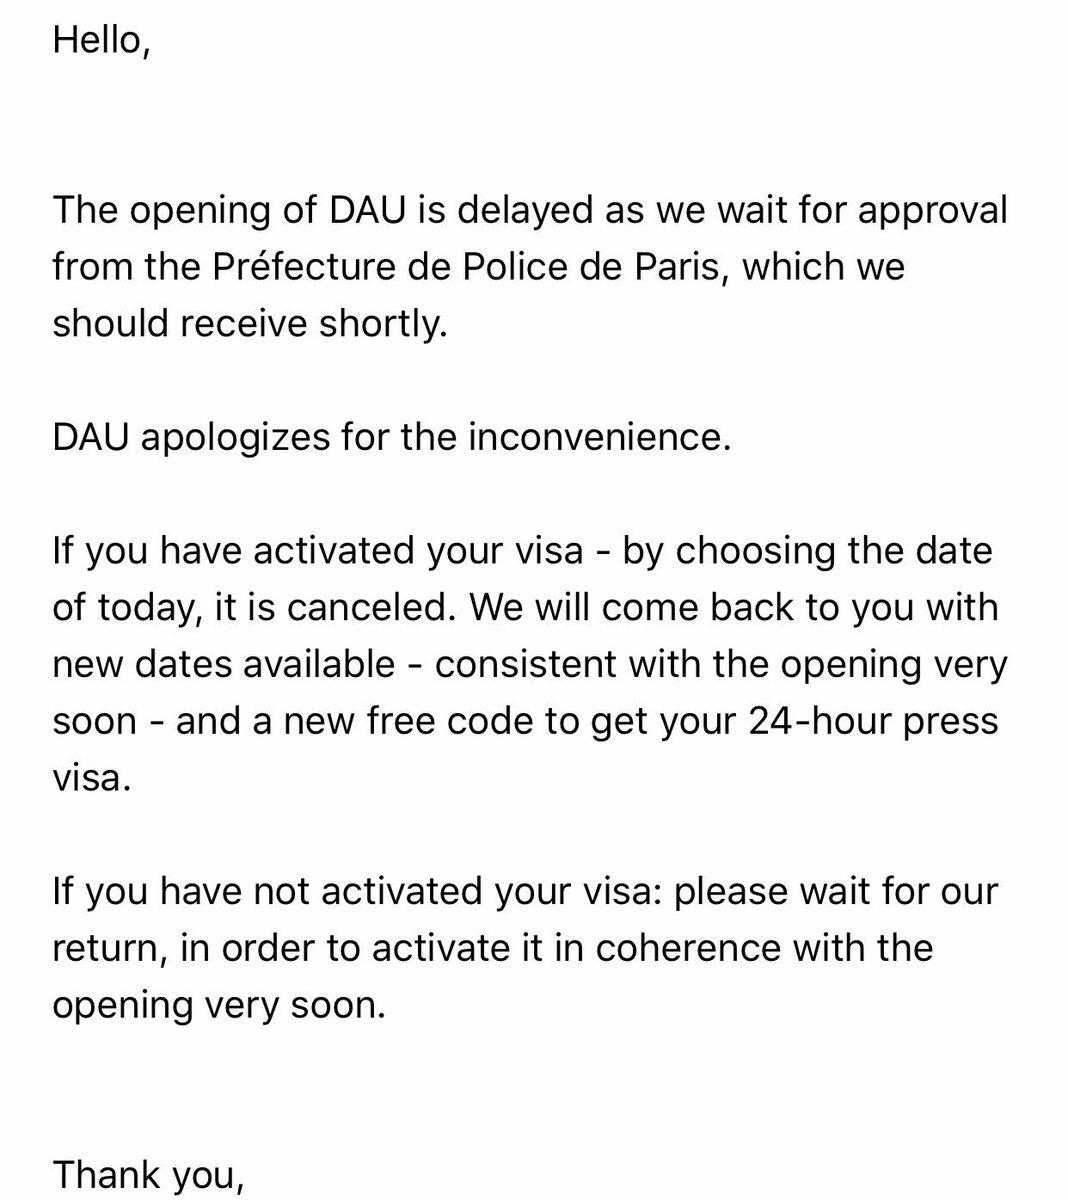 'DAU' Premiere in Paris Is Postponed